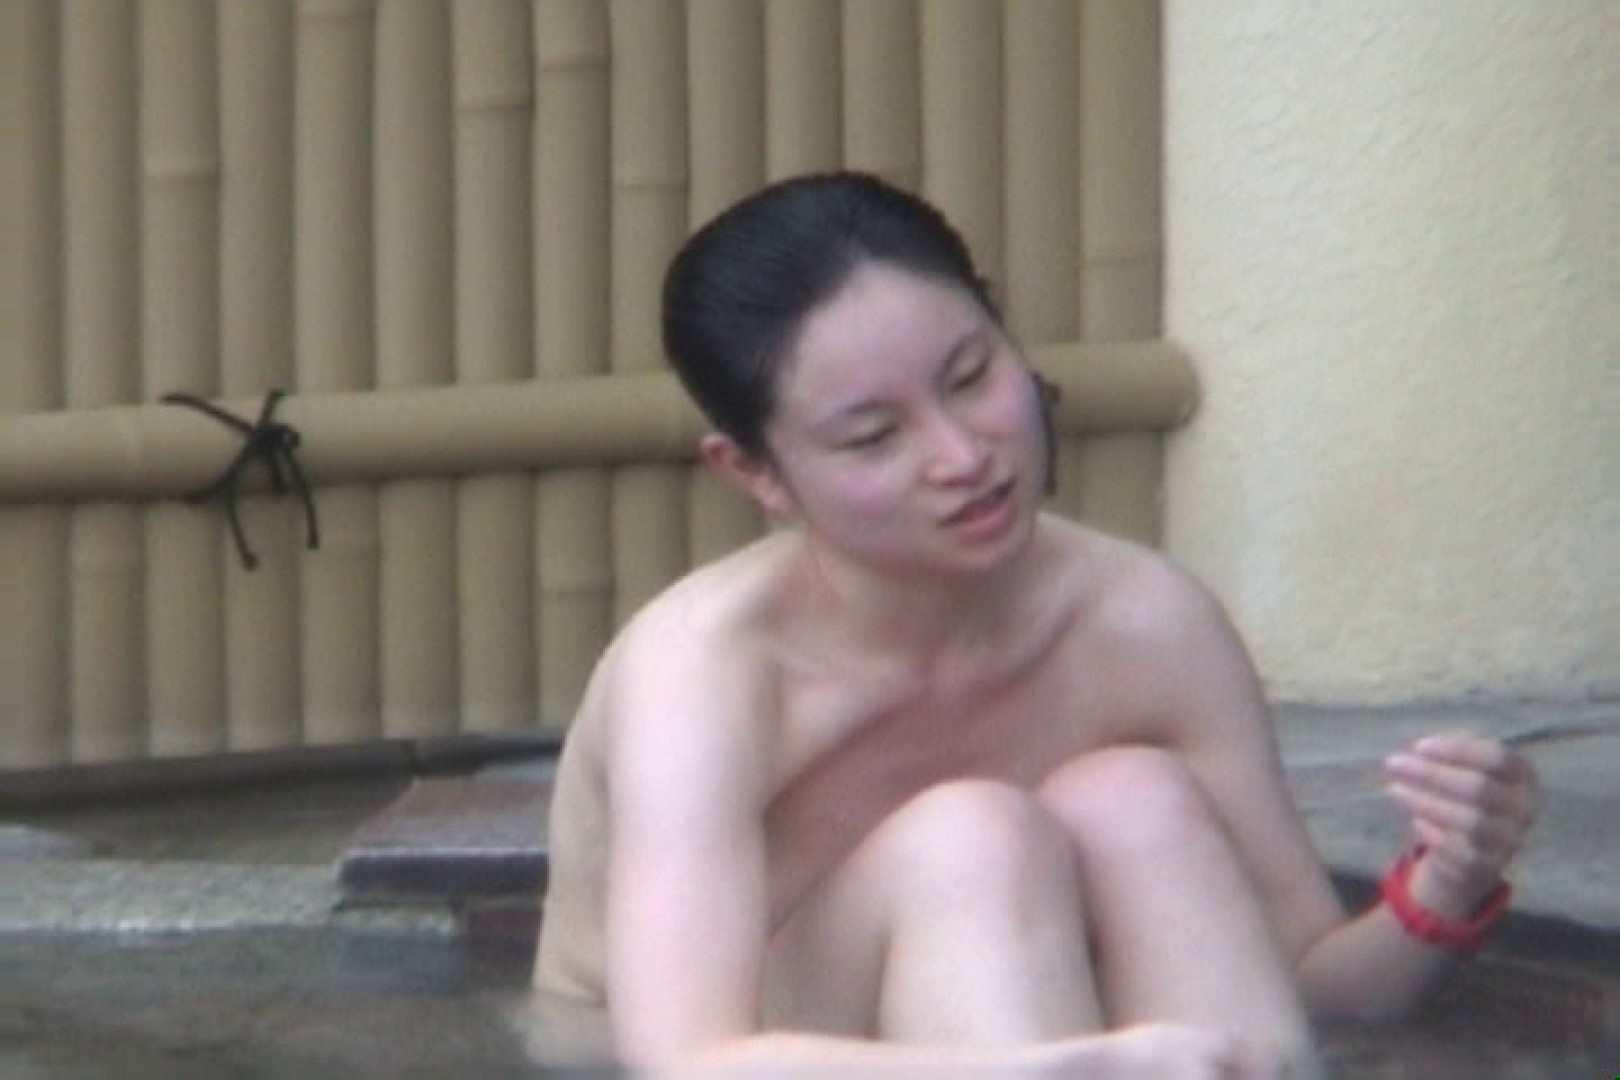 Aquaな露天風呂Vol.45【VIP限定】 OLセックス のぞき濡れ場動画紹介 91画像 44